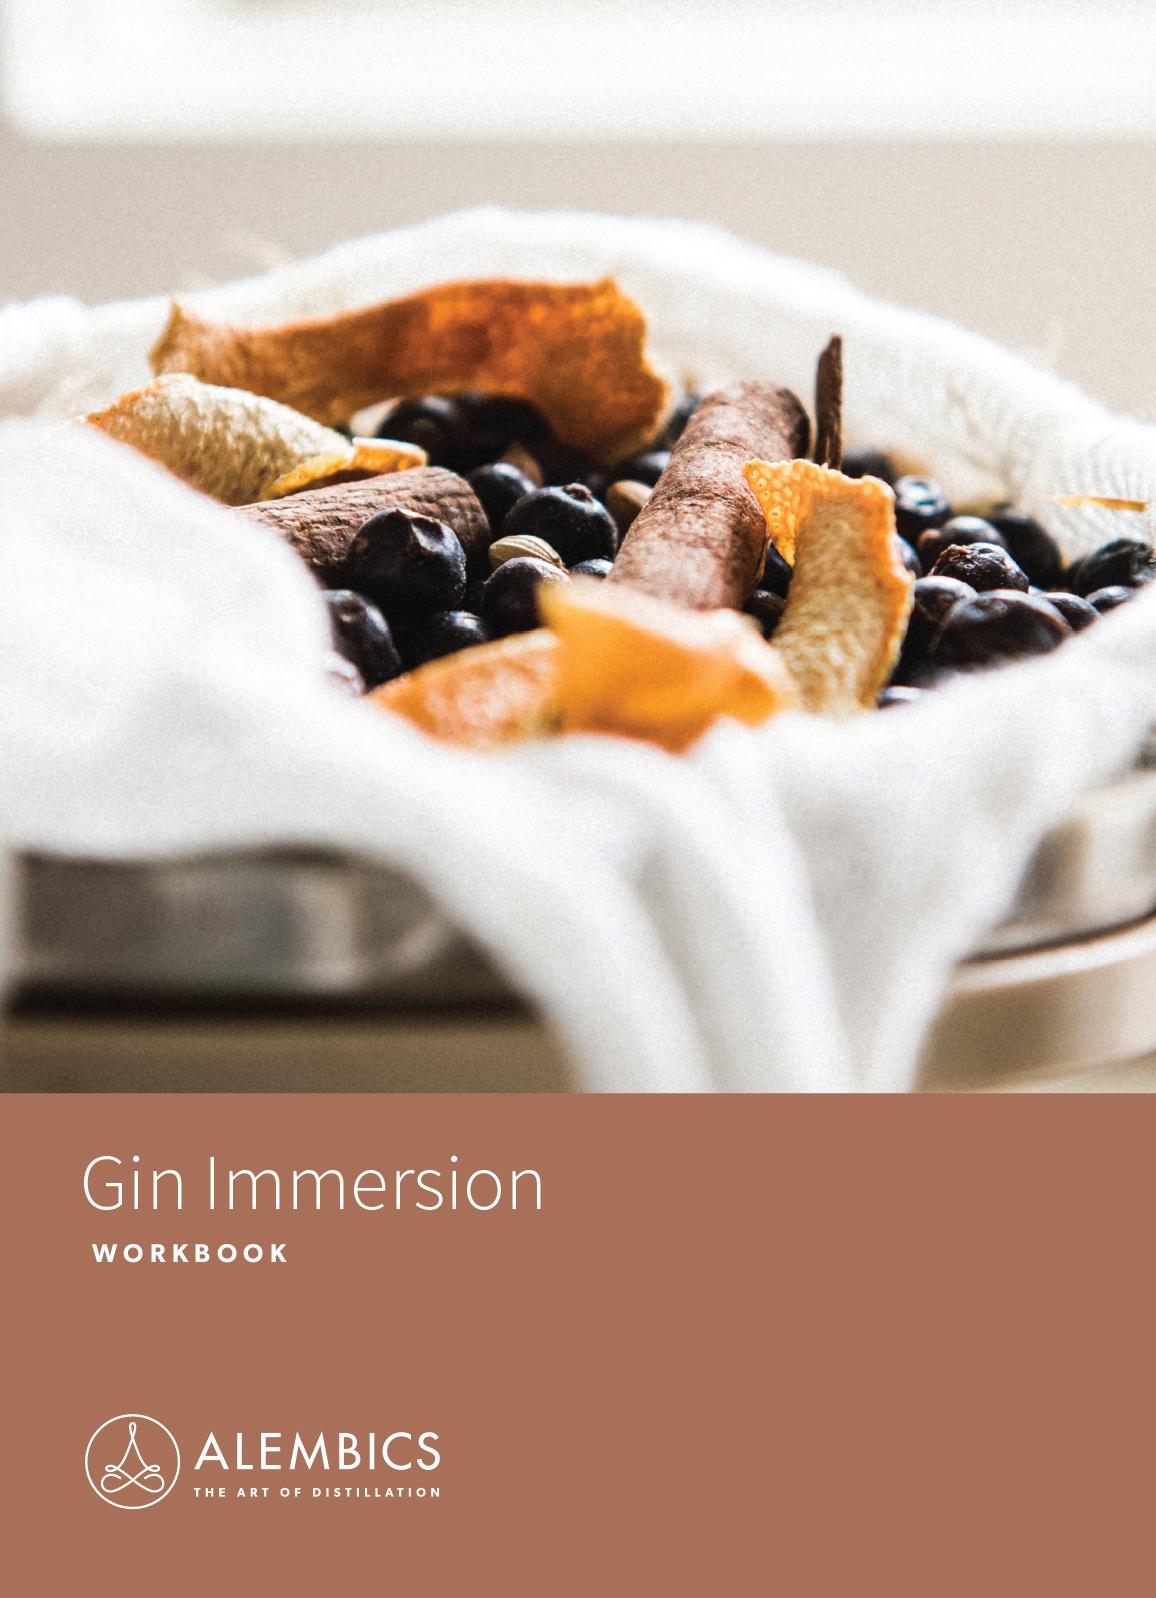 Gin Immersion Workbook